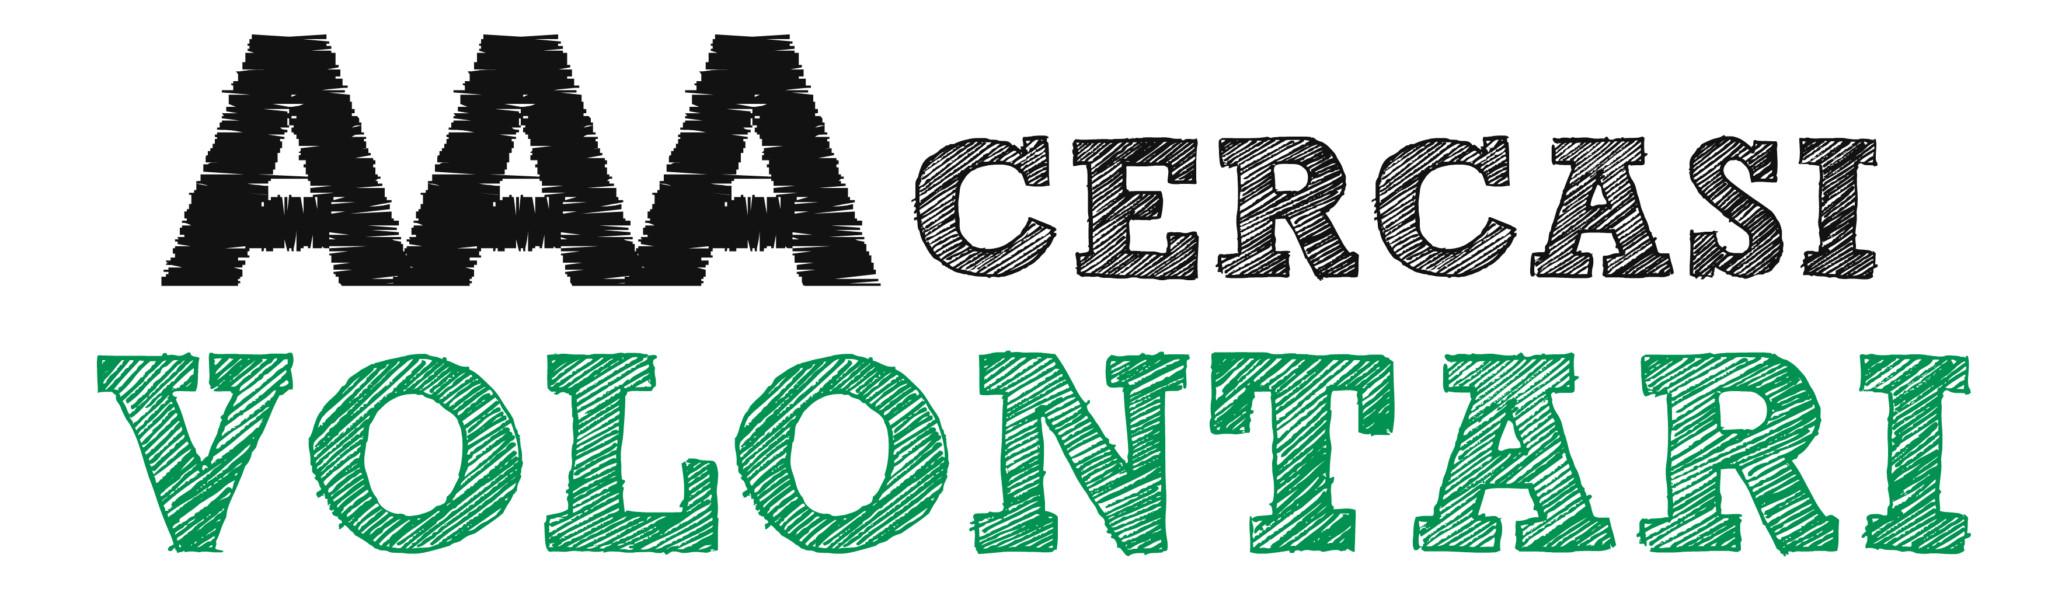 AAA cercasi volontari per il Salone del Gusto. Obiettivo 100% raccolta differenziata